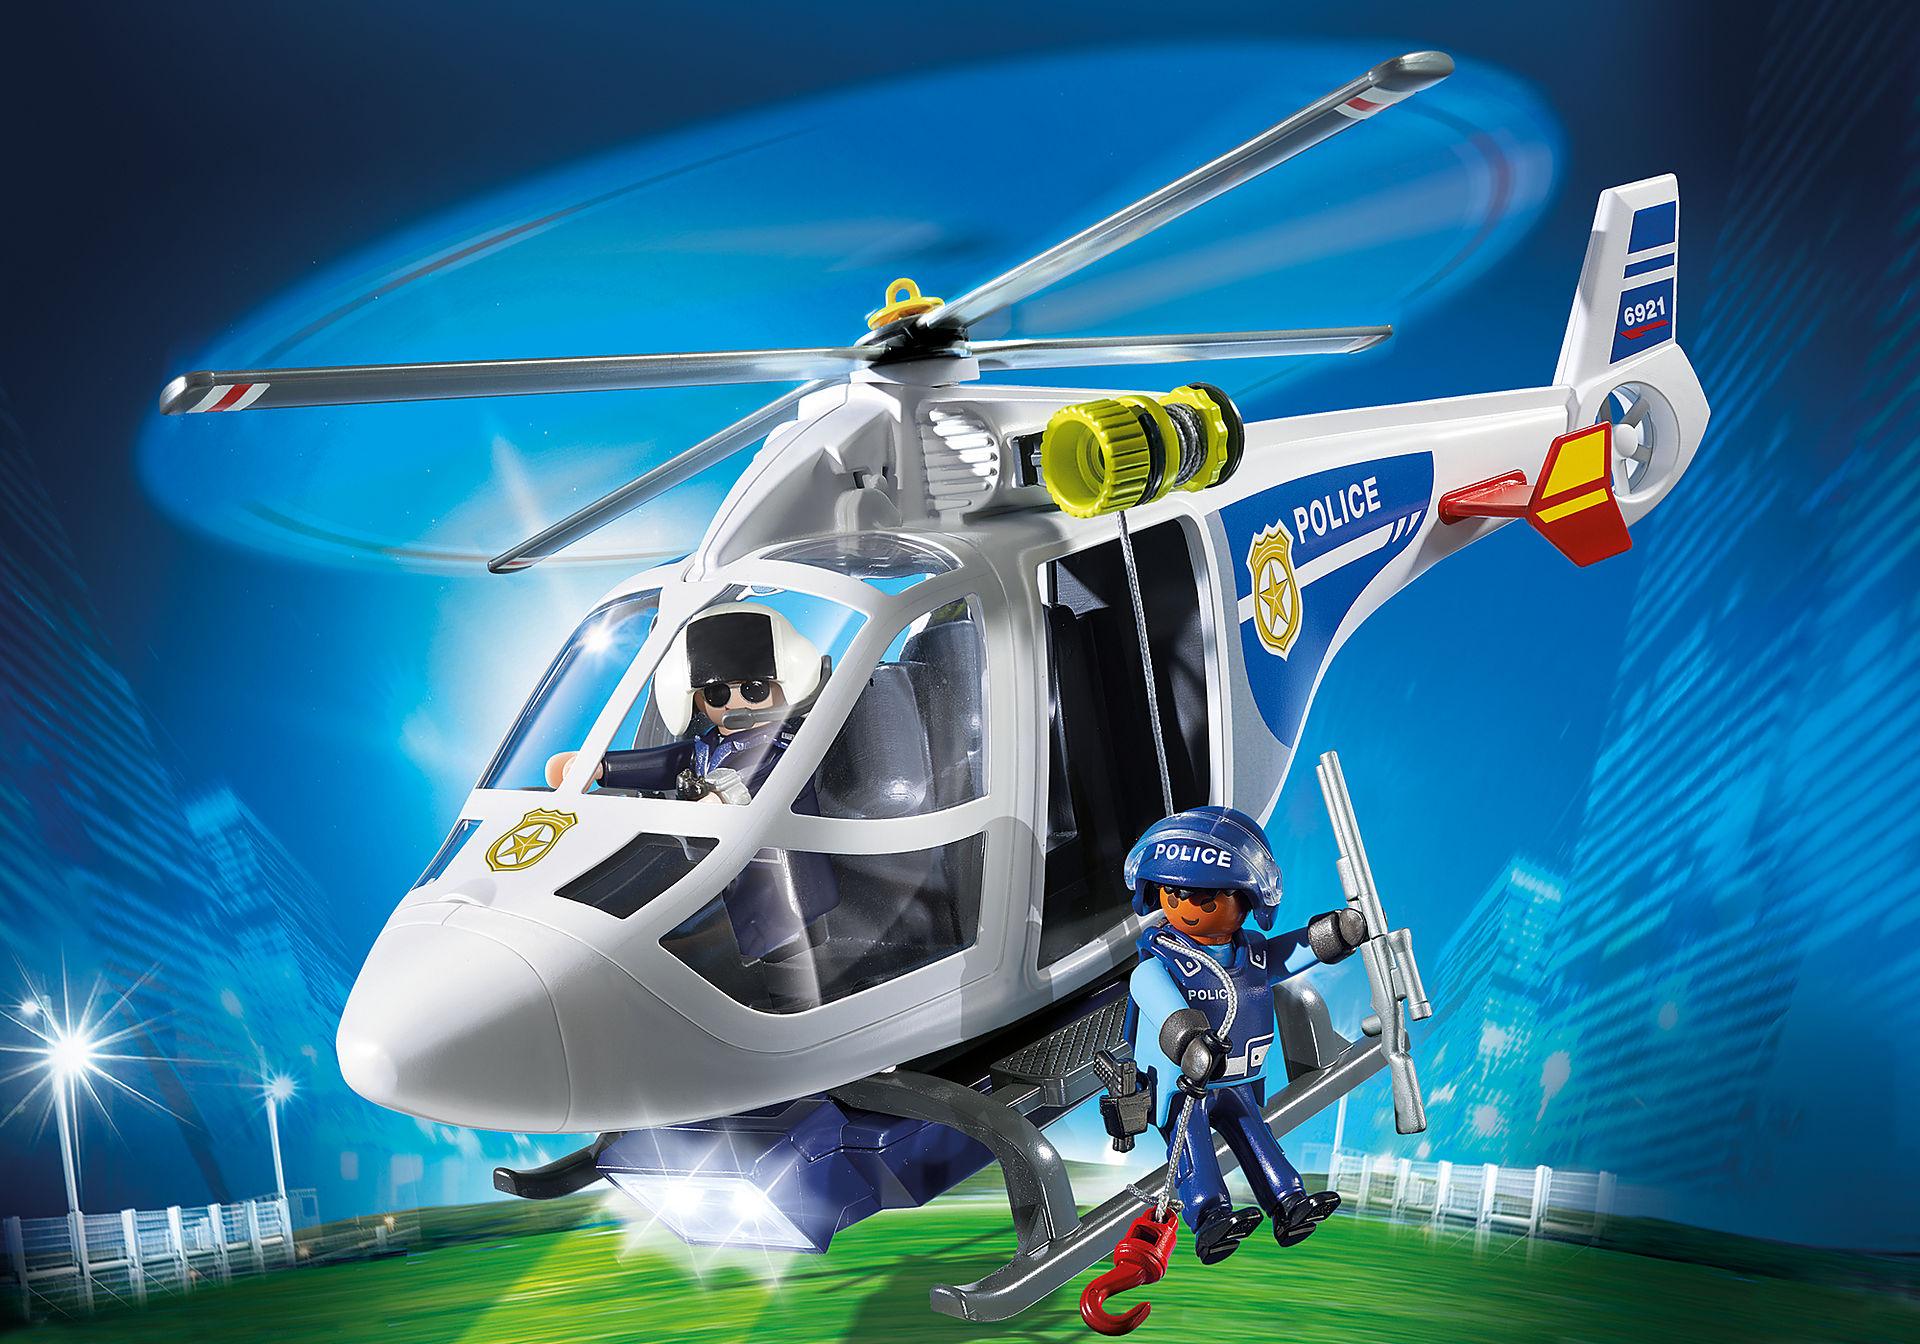 6921 Politiehelikopter met LED-zoeklicht zoom image1